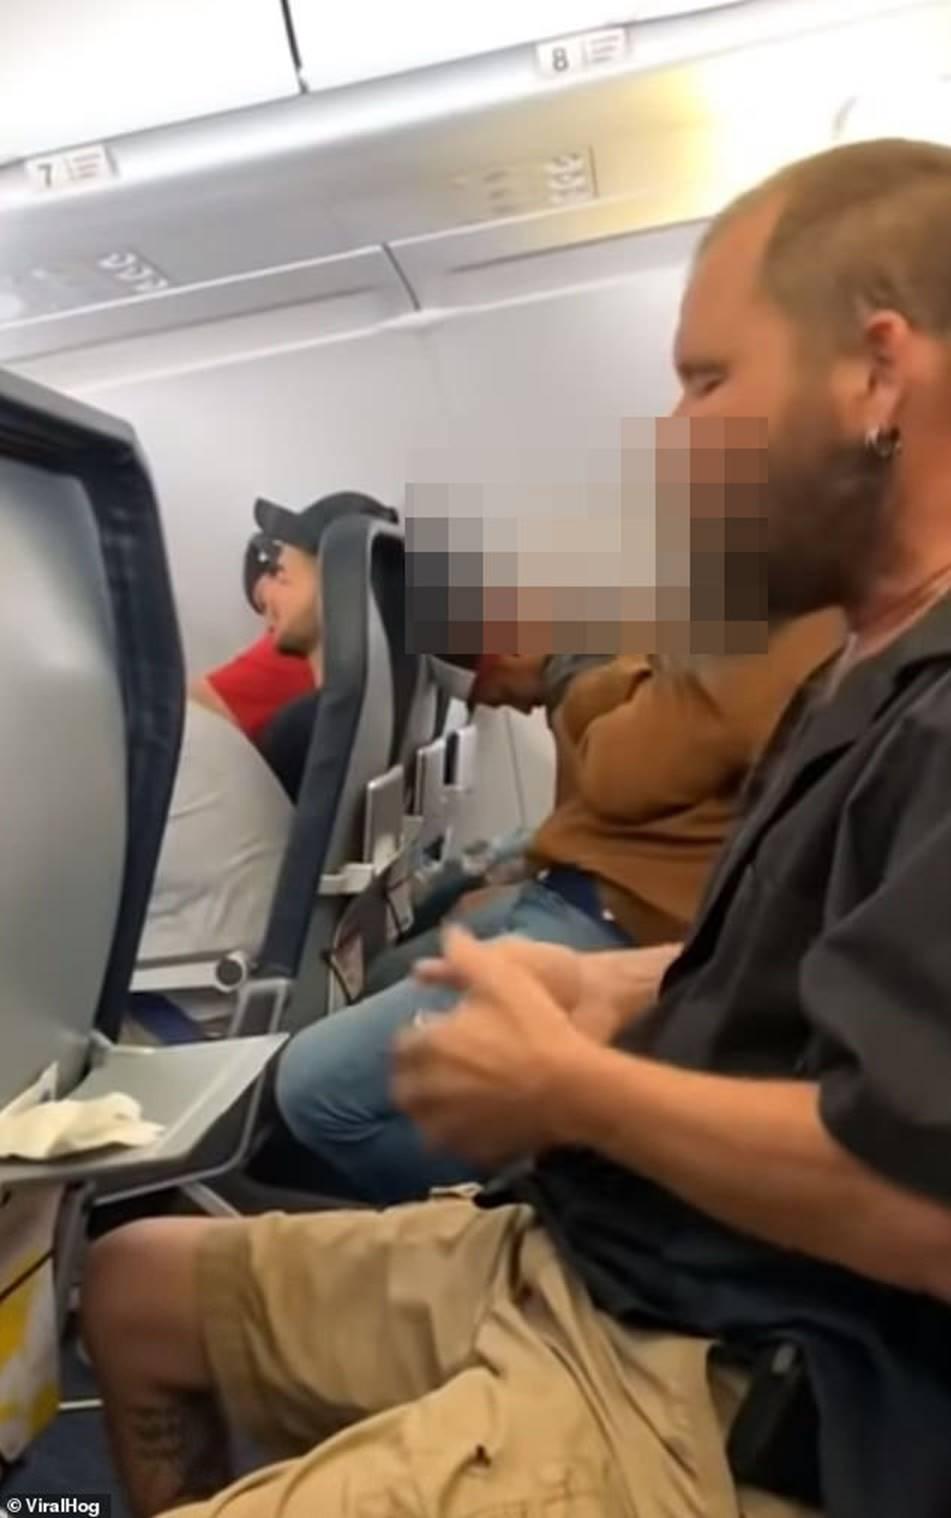 Người đàn ông liên tục làm ồn trên máy bay nhưng hành động bất chấp tất cả quy định này mới khiến mọi người phẫn nộ-1